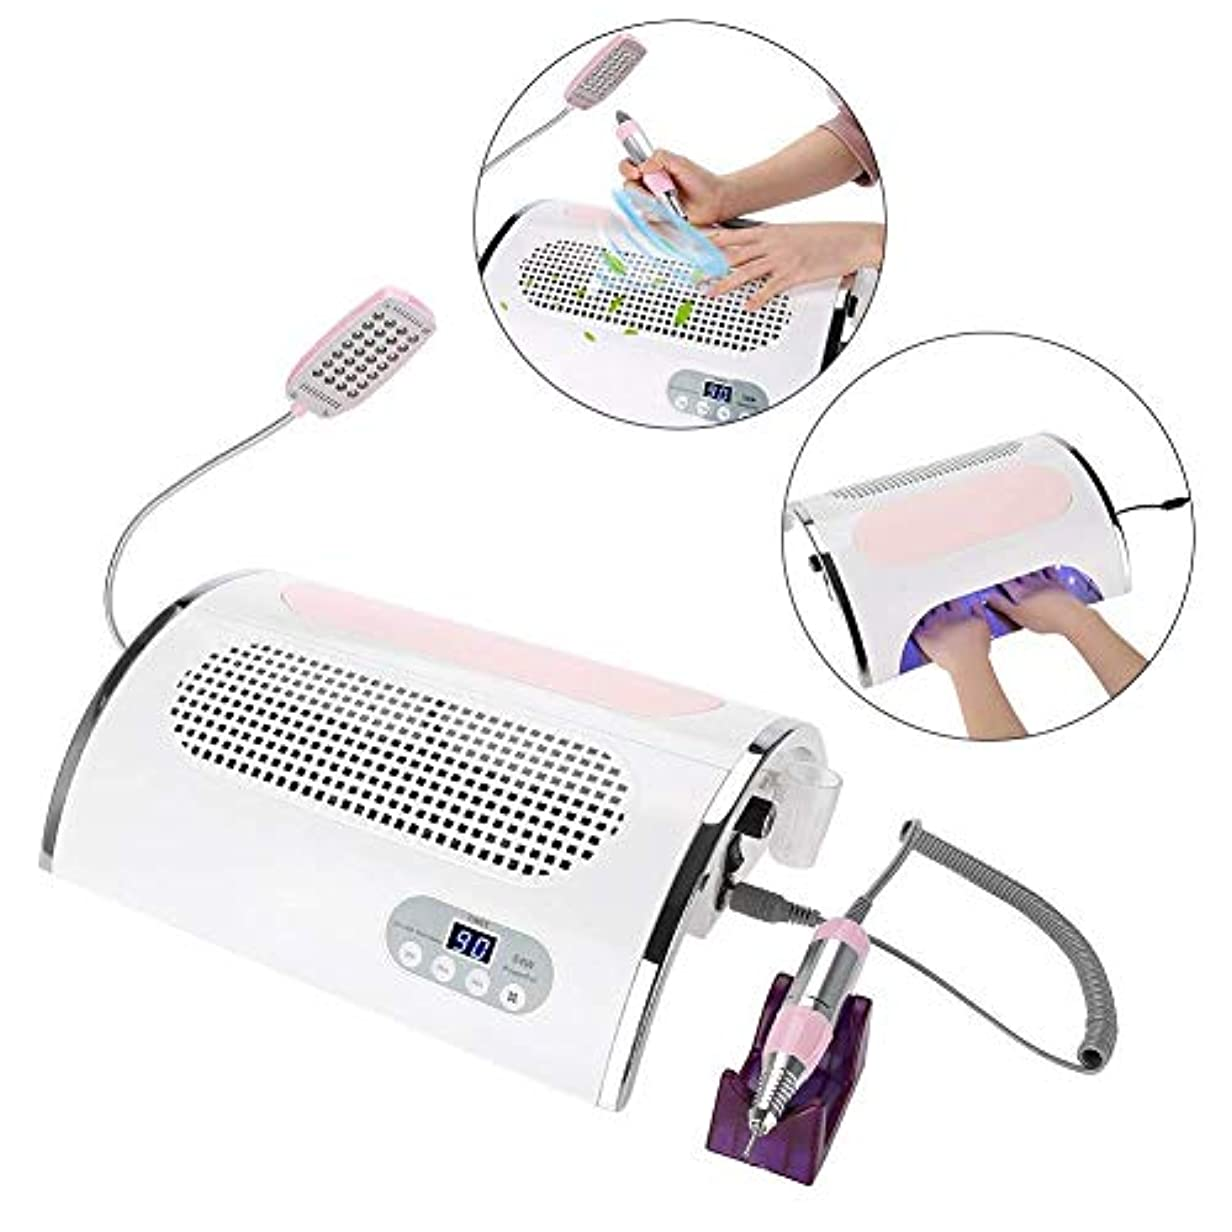 チーフ朝ごはんパートナー多機能電動ネイルドリルネイルファイルセットネイル掃除機54W UV 4 in 1アクリルジェルネイルファミリーサロンに適しています